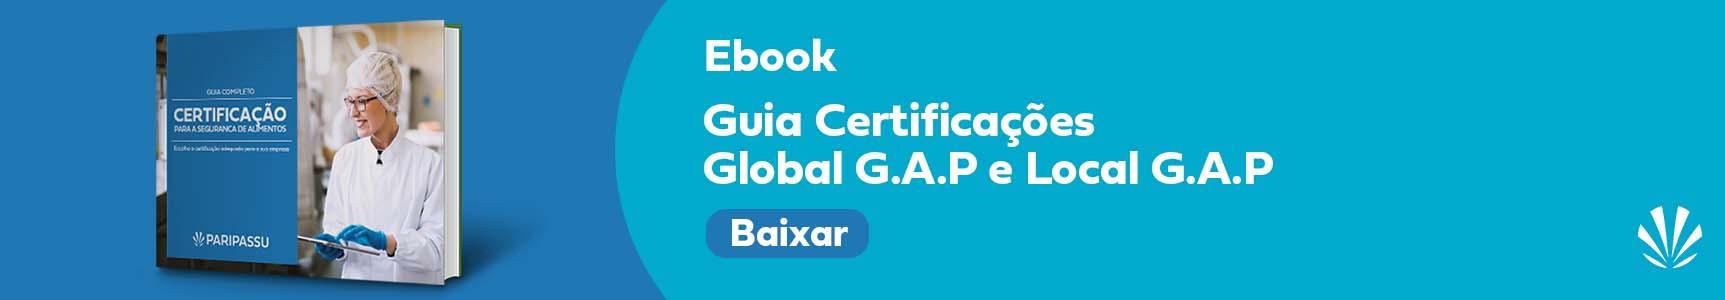 Guia Certificações Global G.A.P e Local G.A.P-1